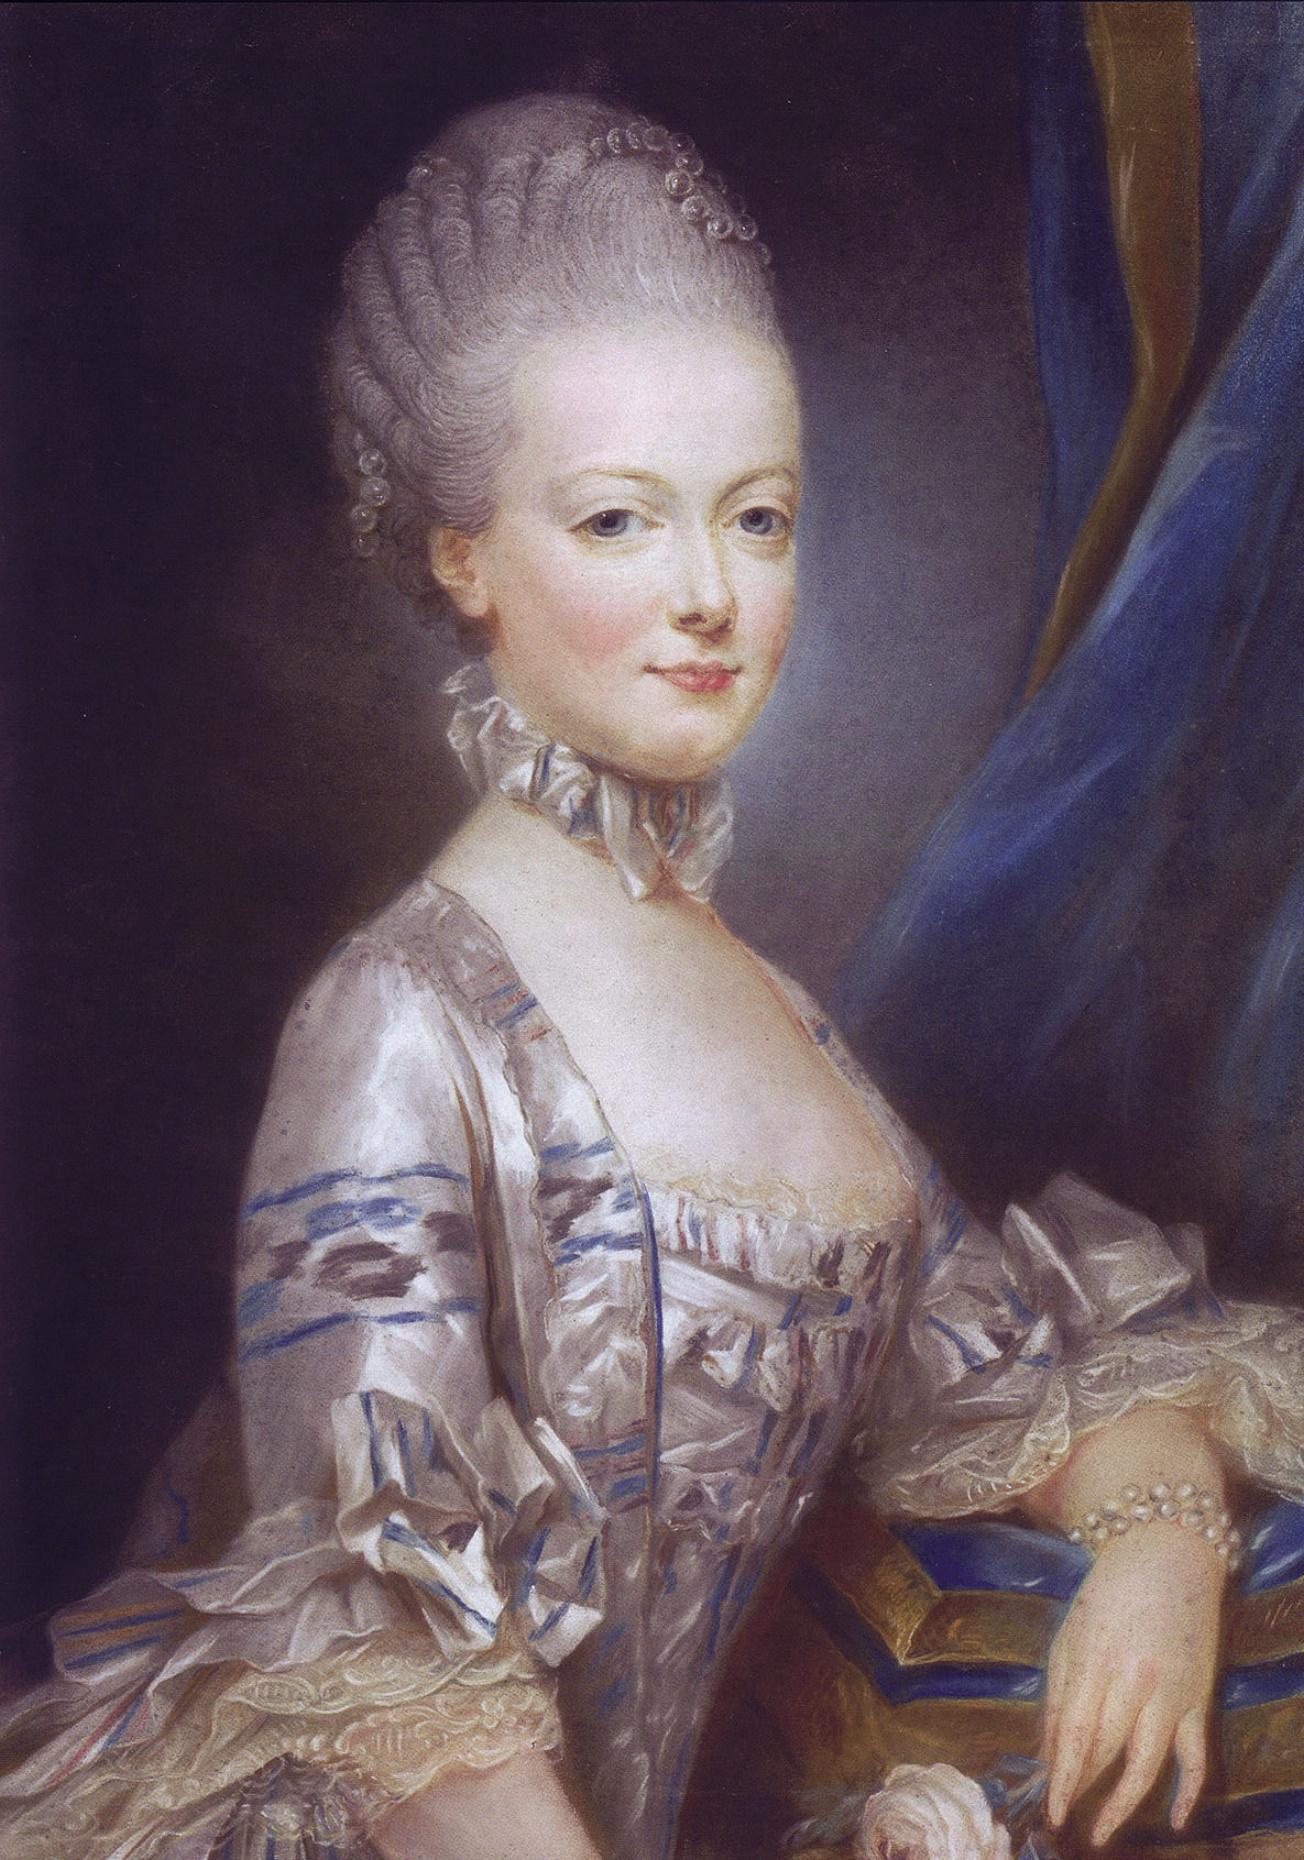 Mária Antónia mint leendő királyné Joseph Ducreux festményén (forrás: Wikipedia)